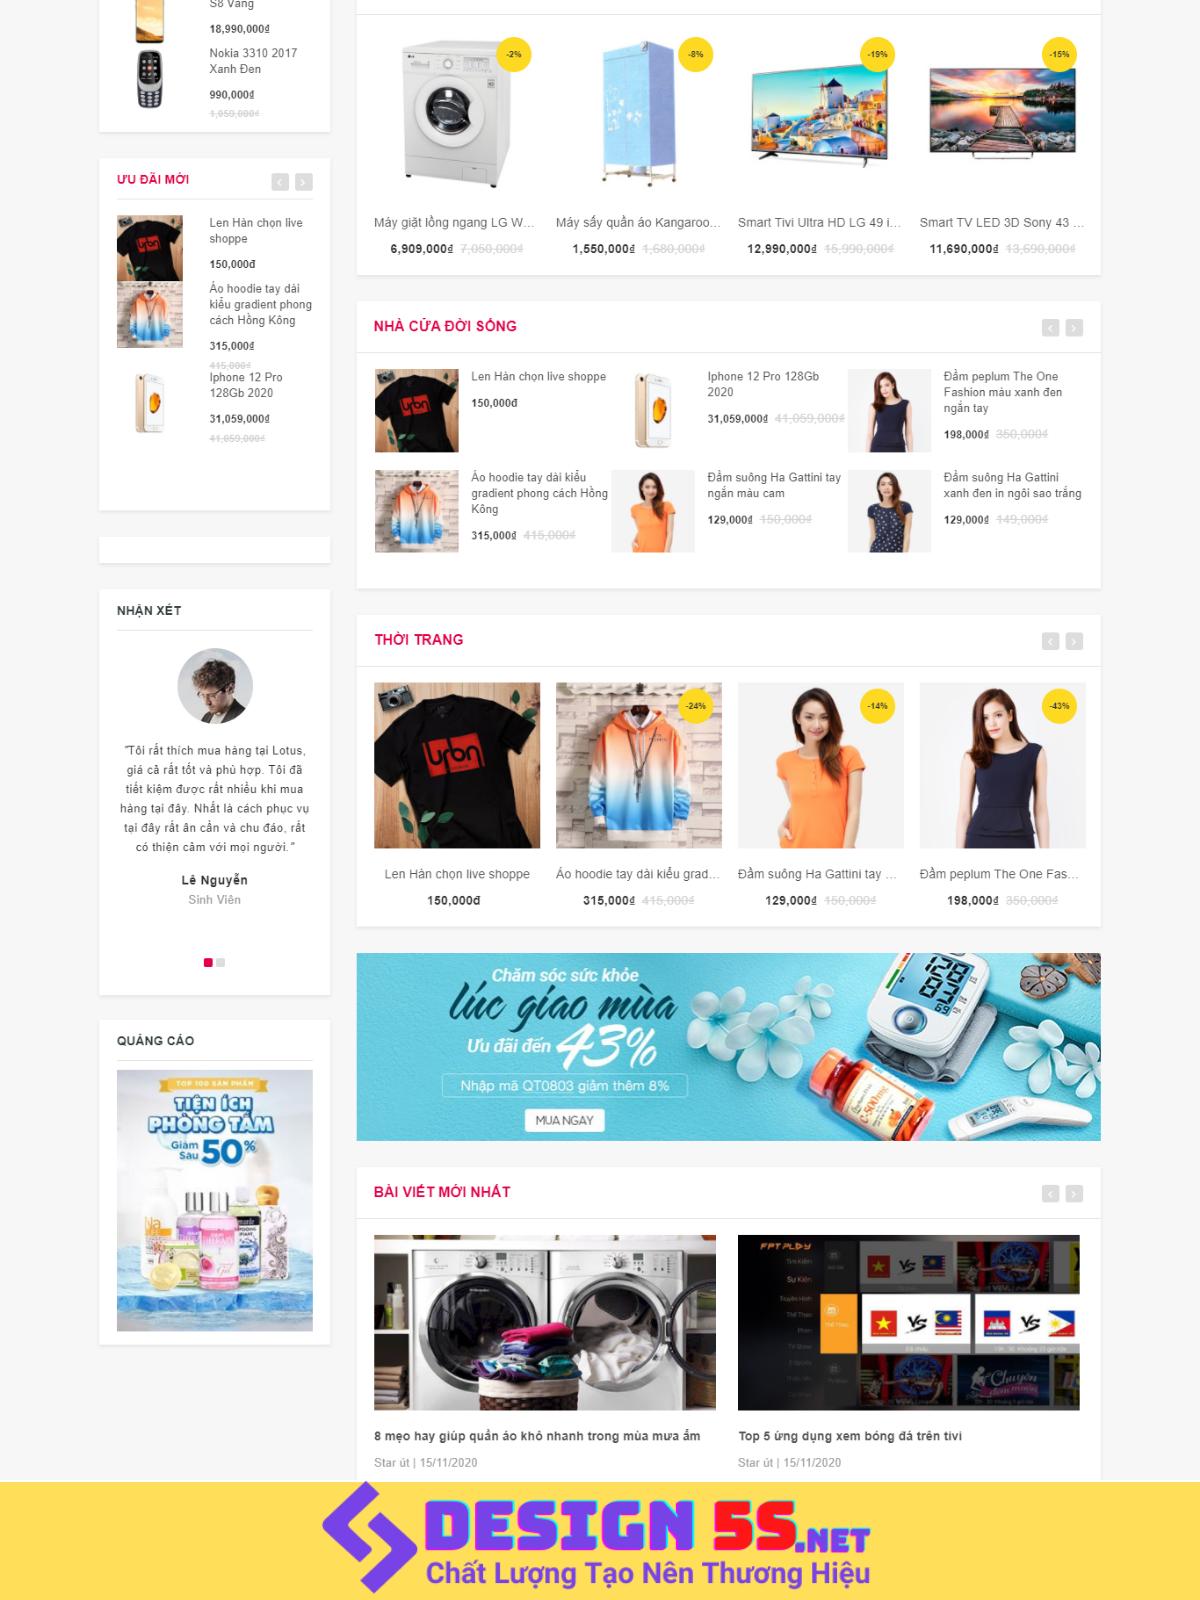 Template Blogspot Điện Máy Kết Hợp Affiliate, VSM94 - Ảnh 2